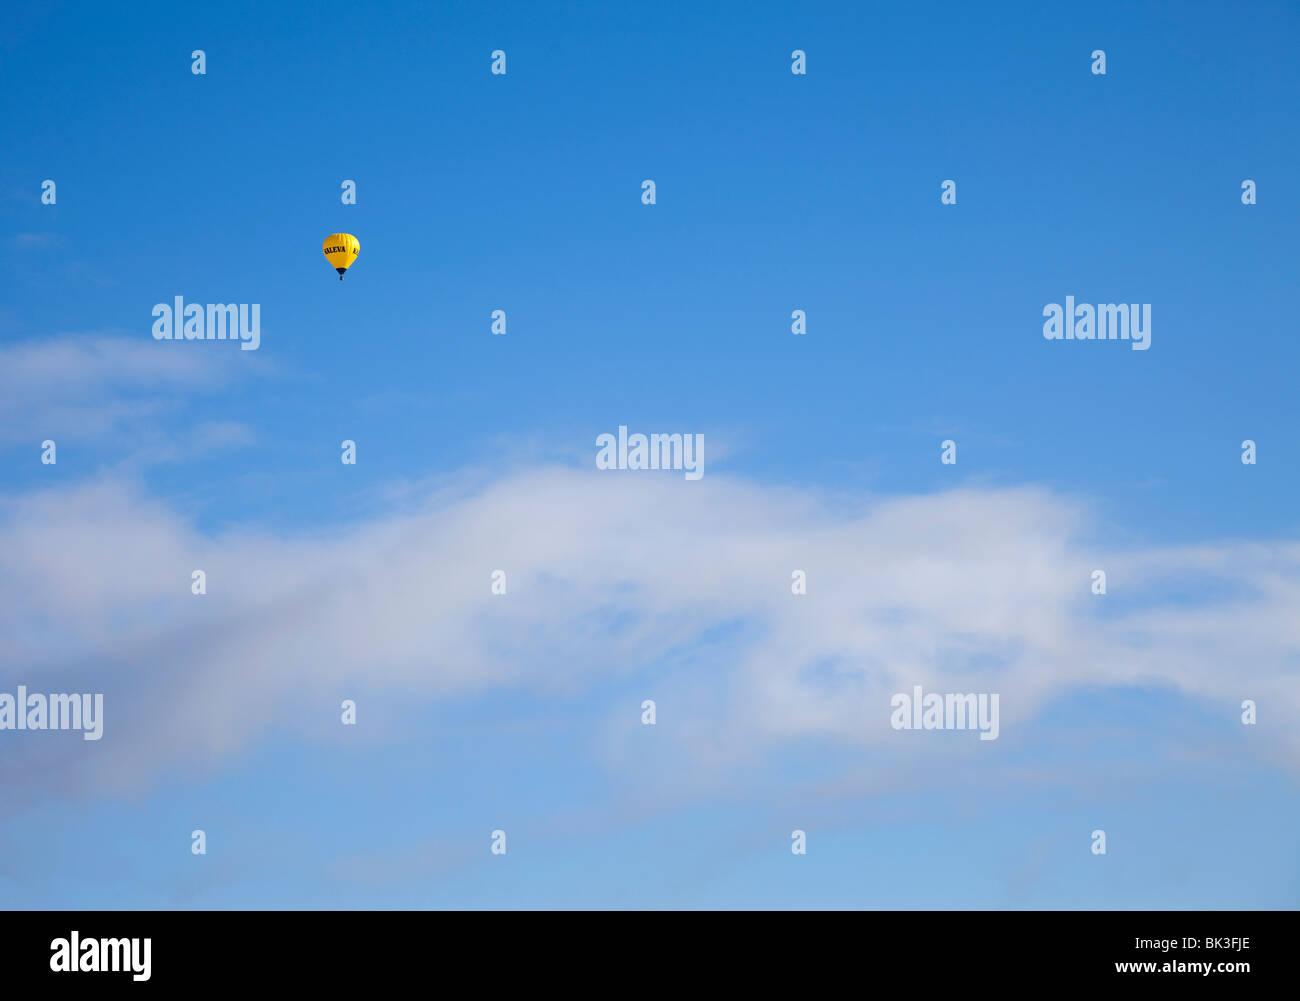 Tiny yellow hot air balloon on blue sky Stock Photo